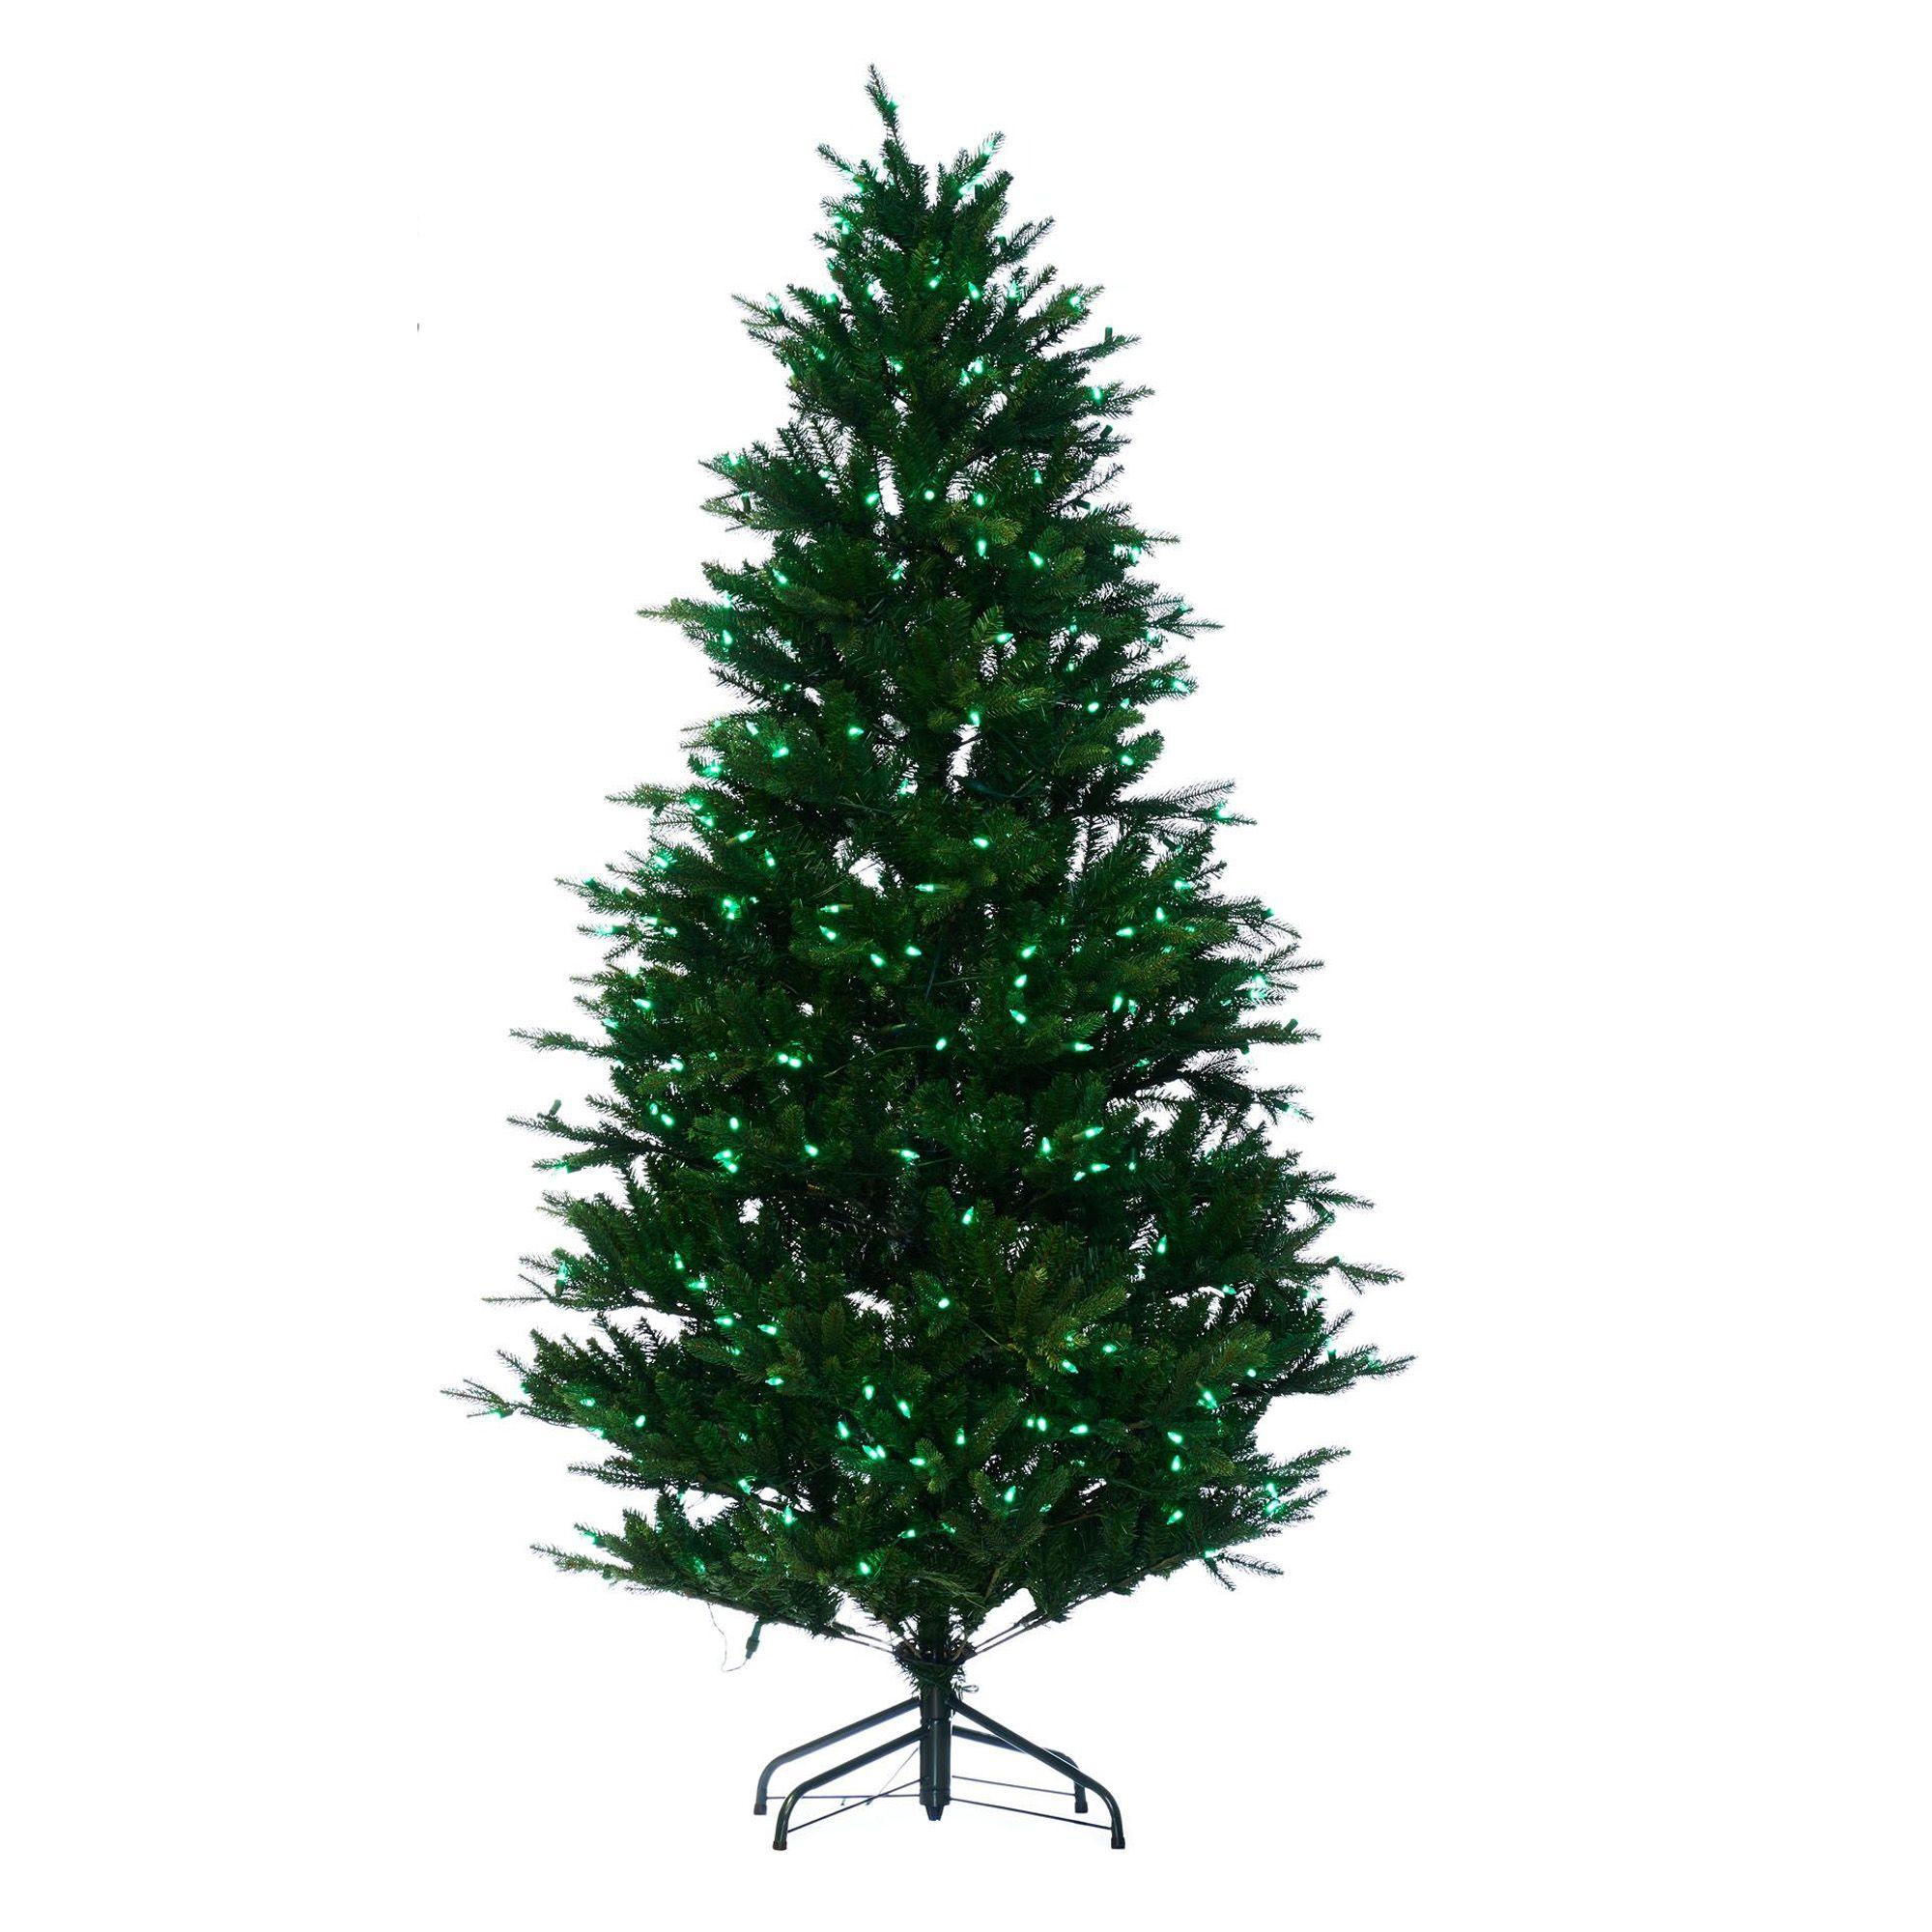 Künstlicher Weihnachtsbaum 3 Meter.Santa S Best Weihnachtsbaum Programmierbar Inkl Fernbedienung